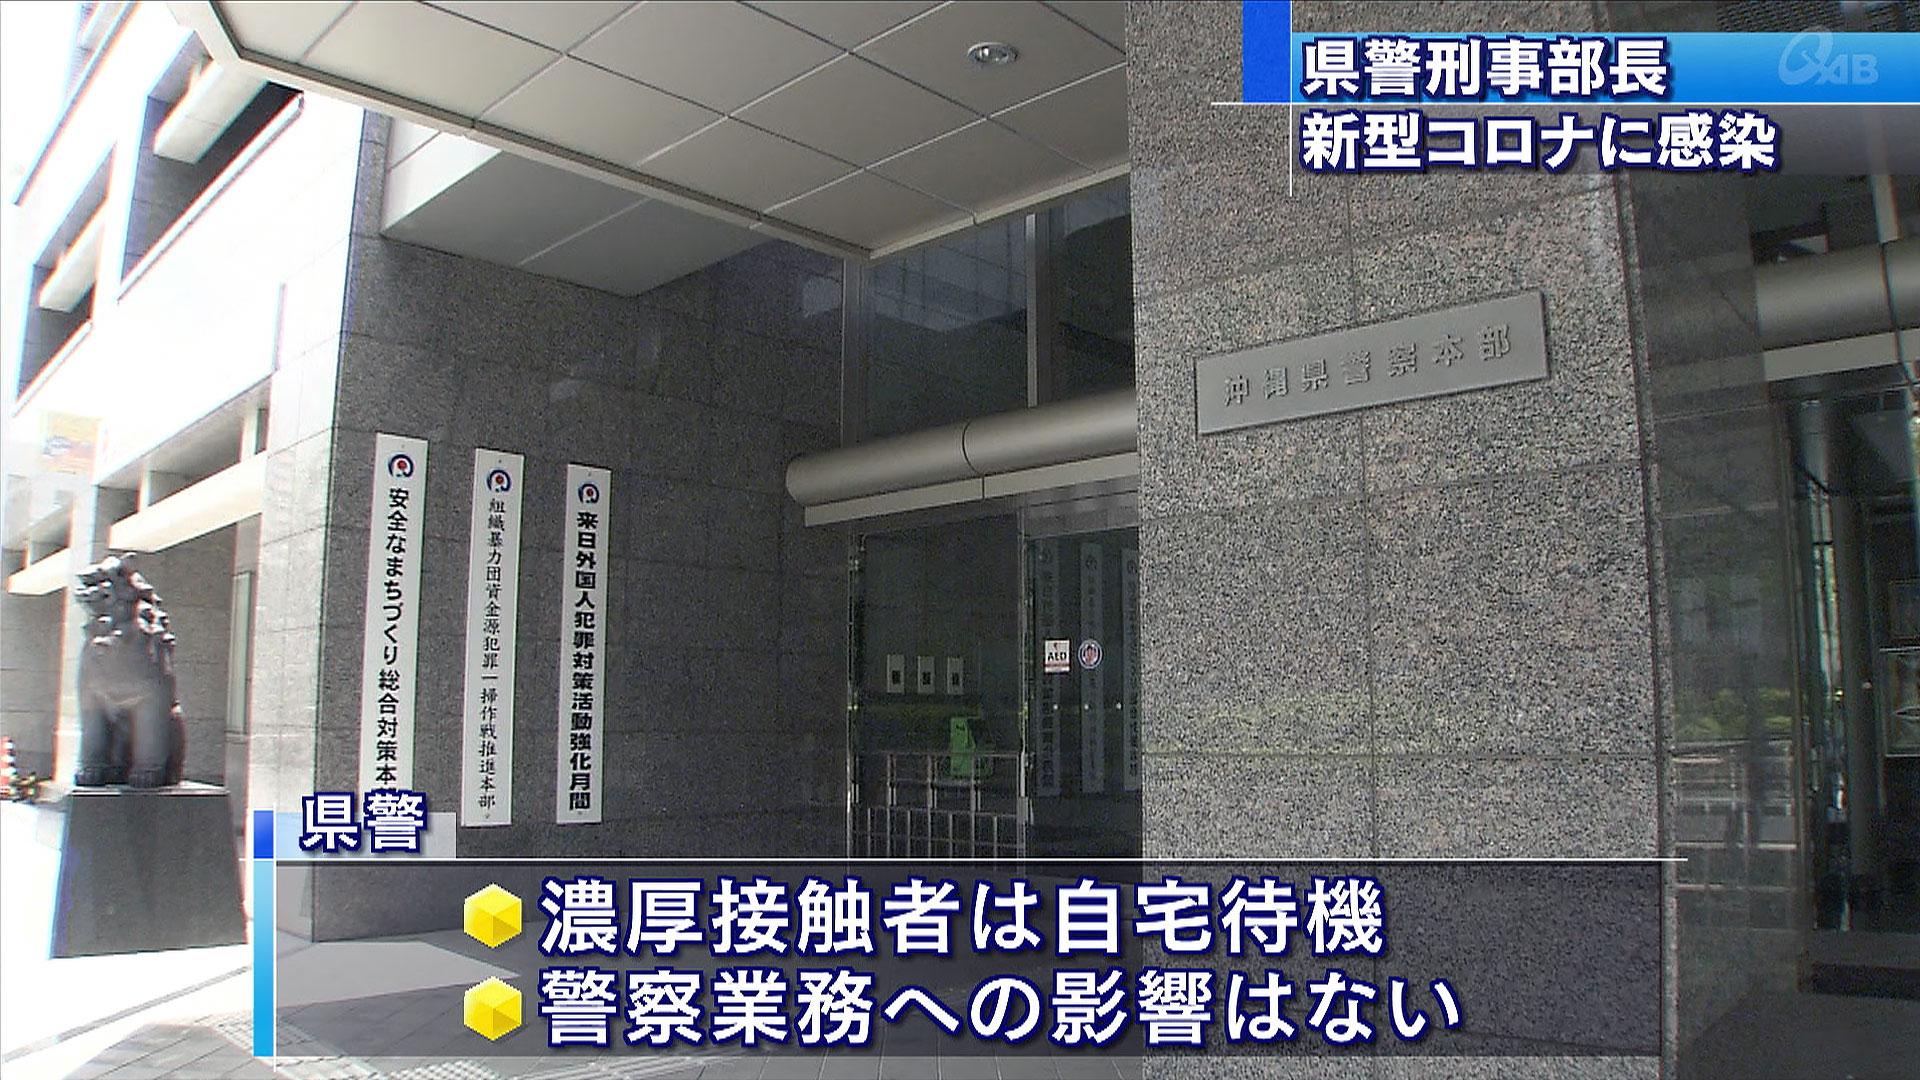 県警の刑事部長が新型コロナ陽性